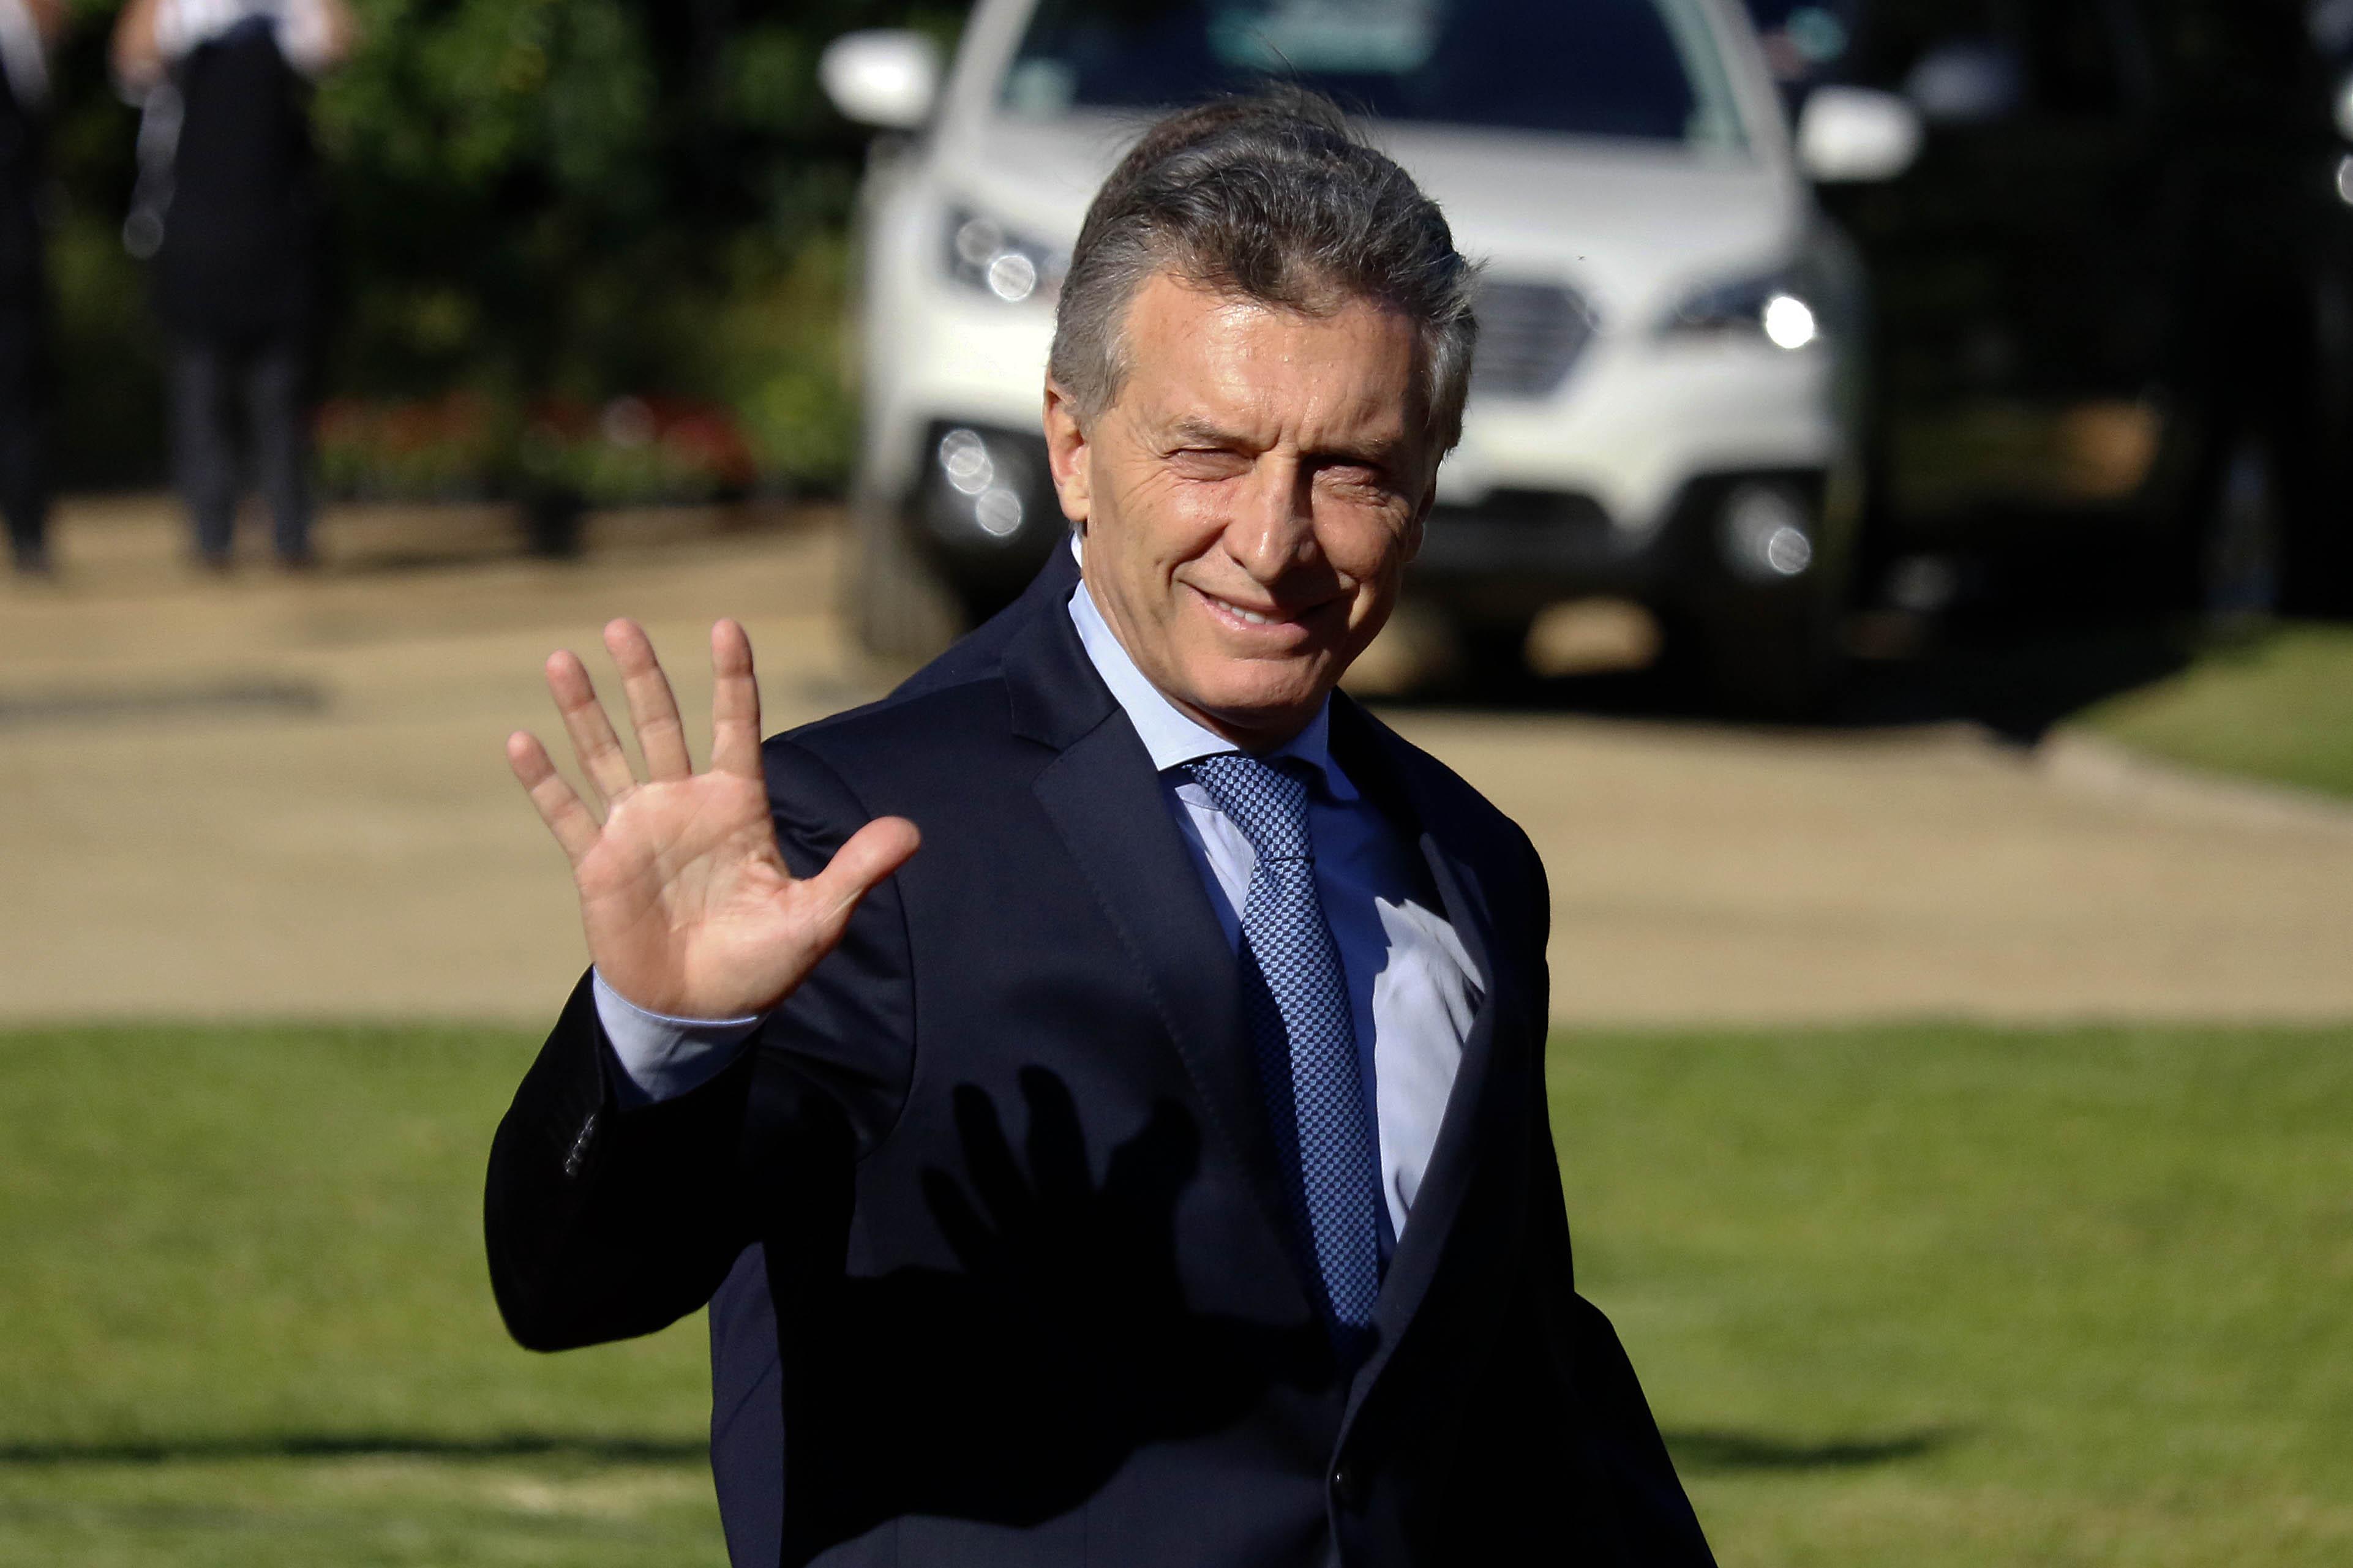 Gobierno argentino confirma que Mauricio Macri fue diagnosticado de una anomalía pancreático